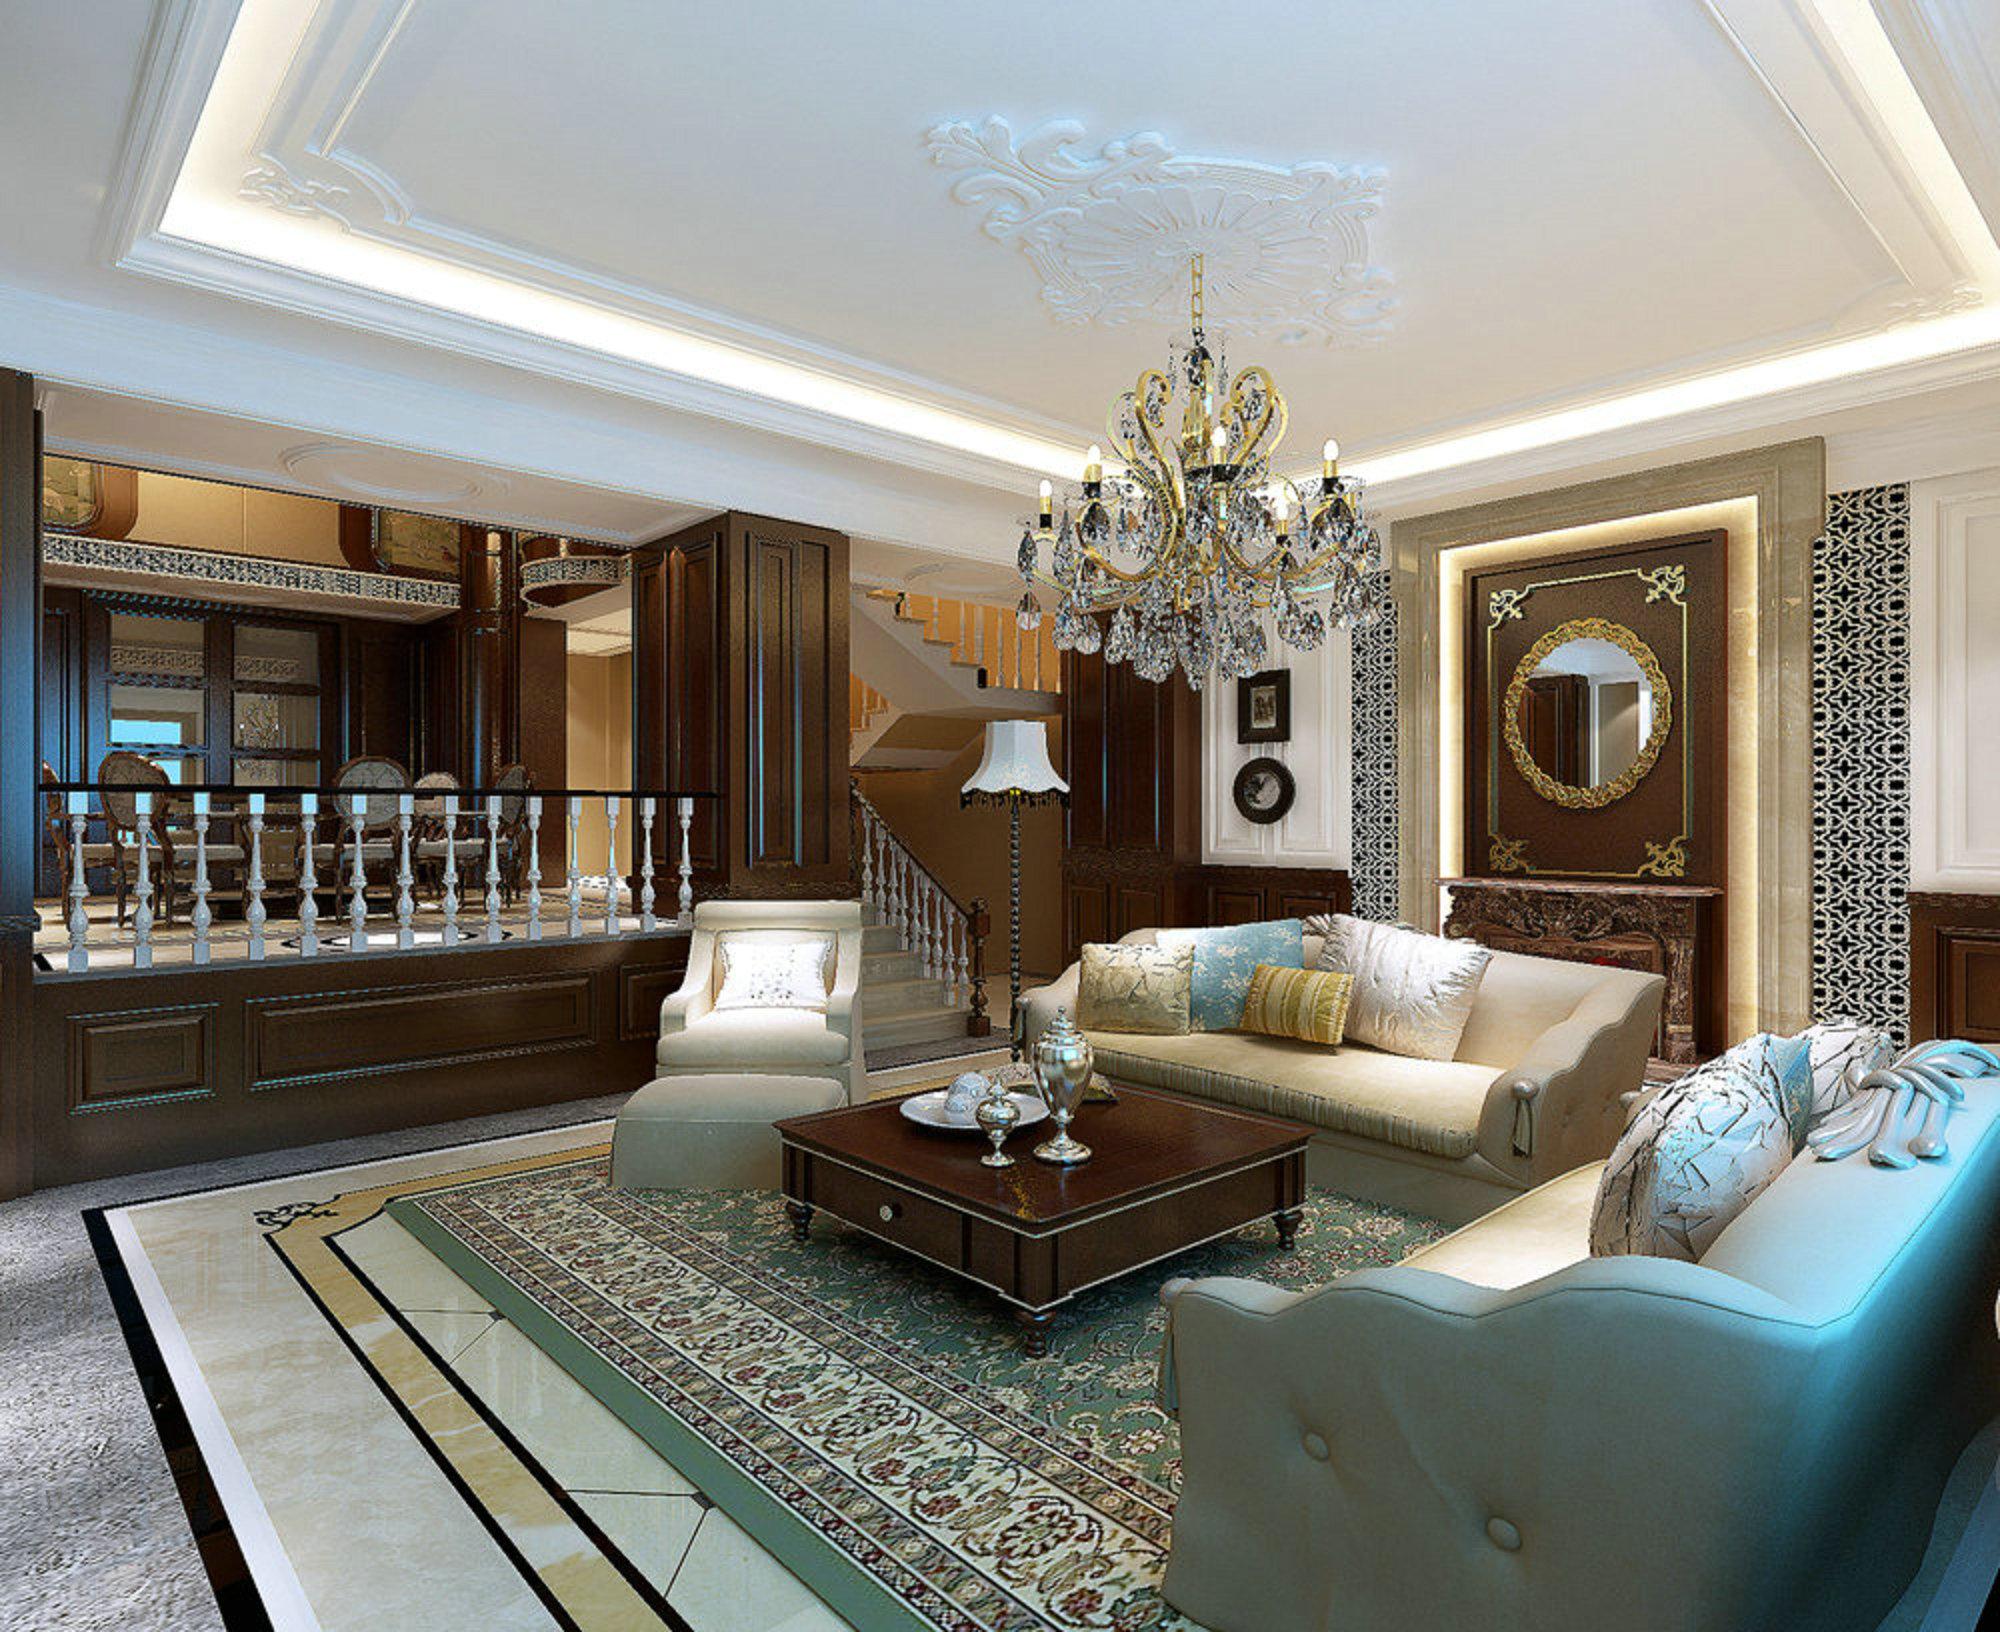 东方夏威夷 别墅装修 欧美古典 腾龙设计 客厅图片来自孔继民在东方夏威夷别墅装修美式古典的分享